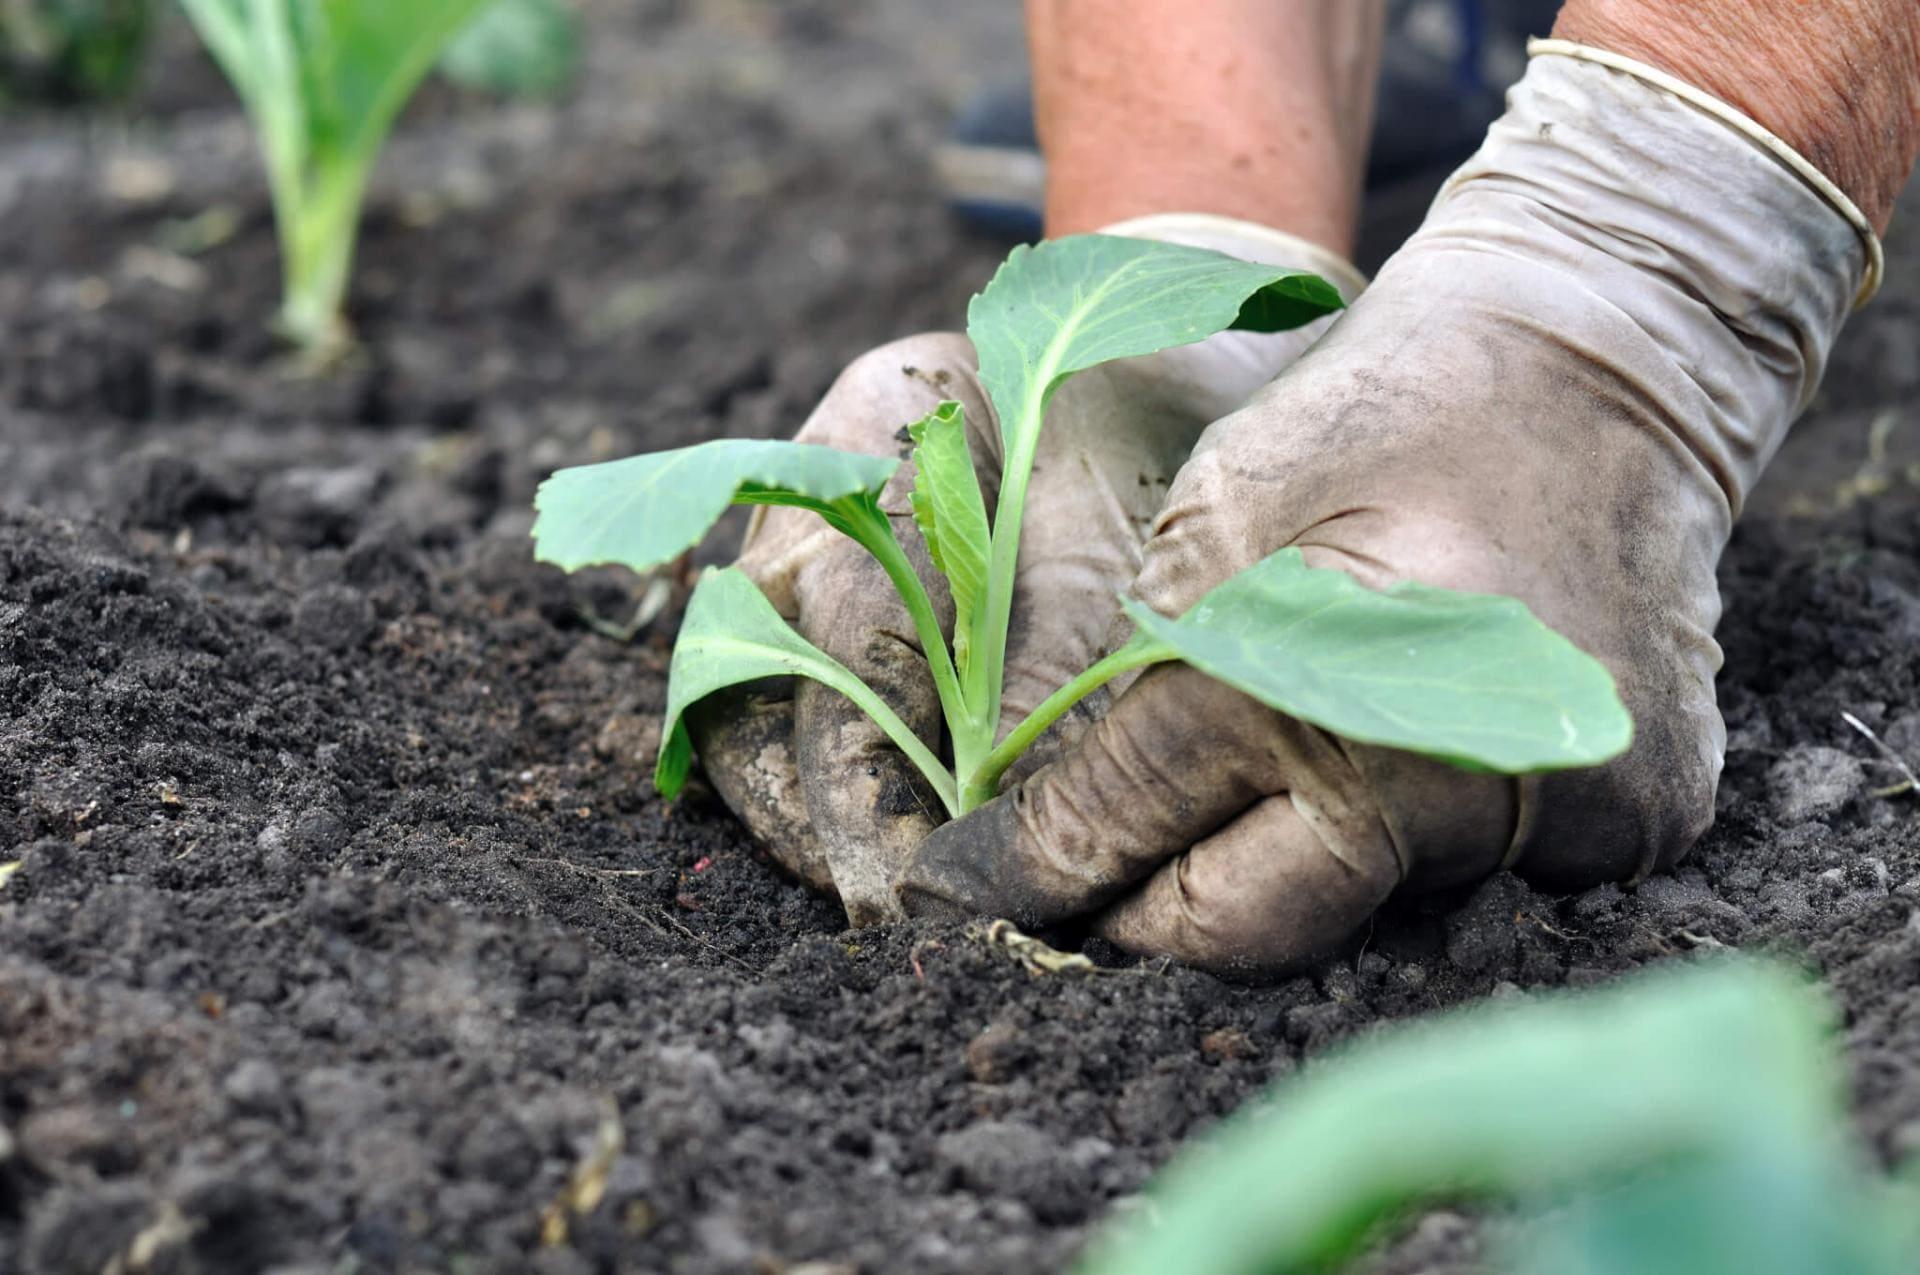 Савойская капуста: выращивание рассады, посадка и уход в открытом грунте, фото